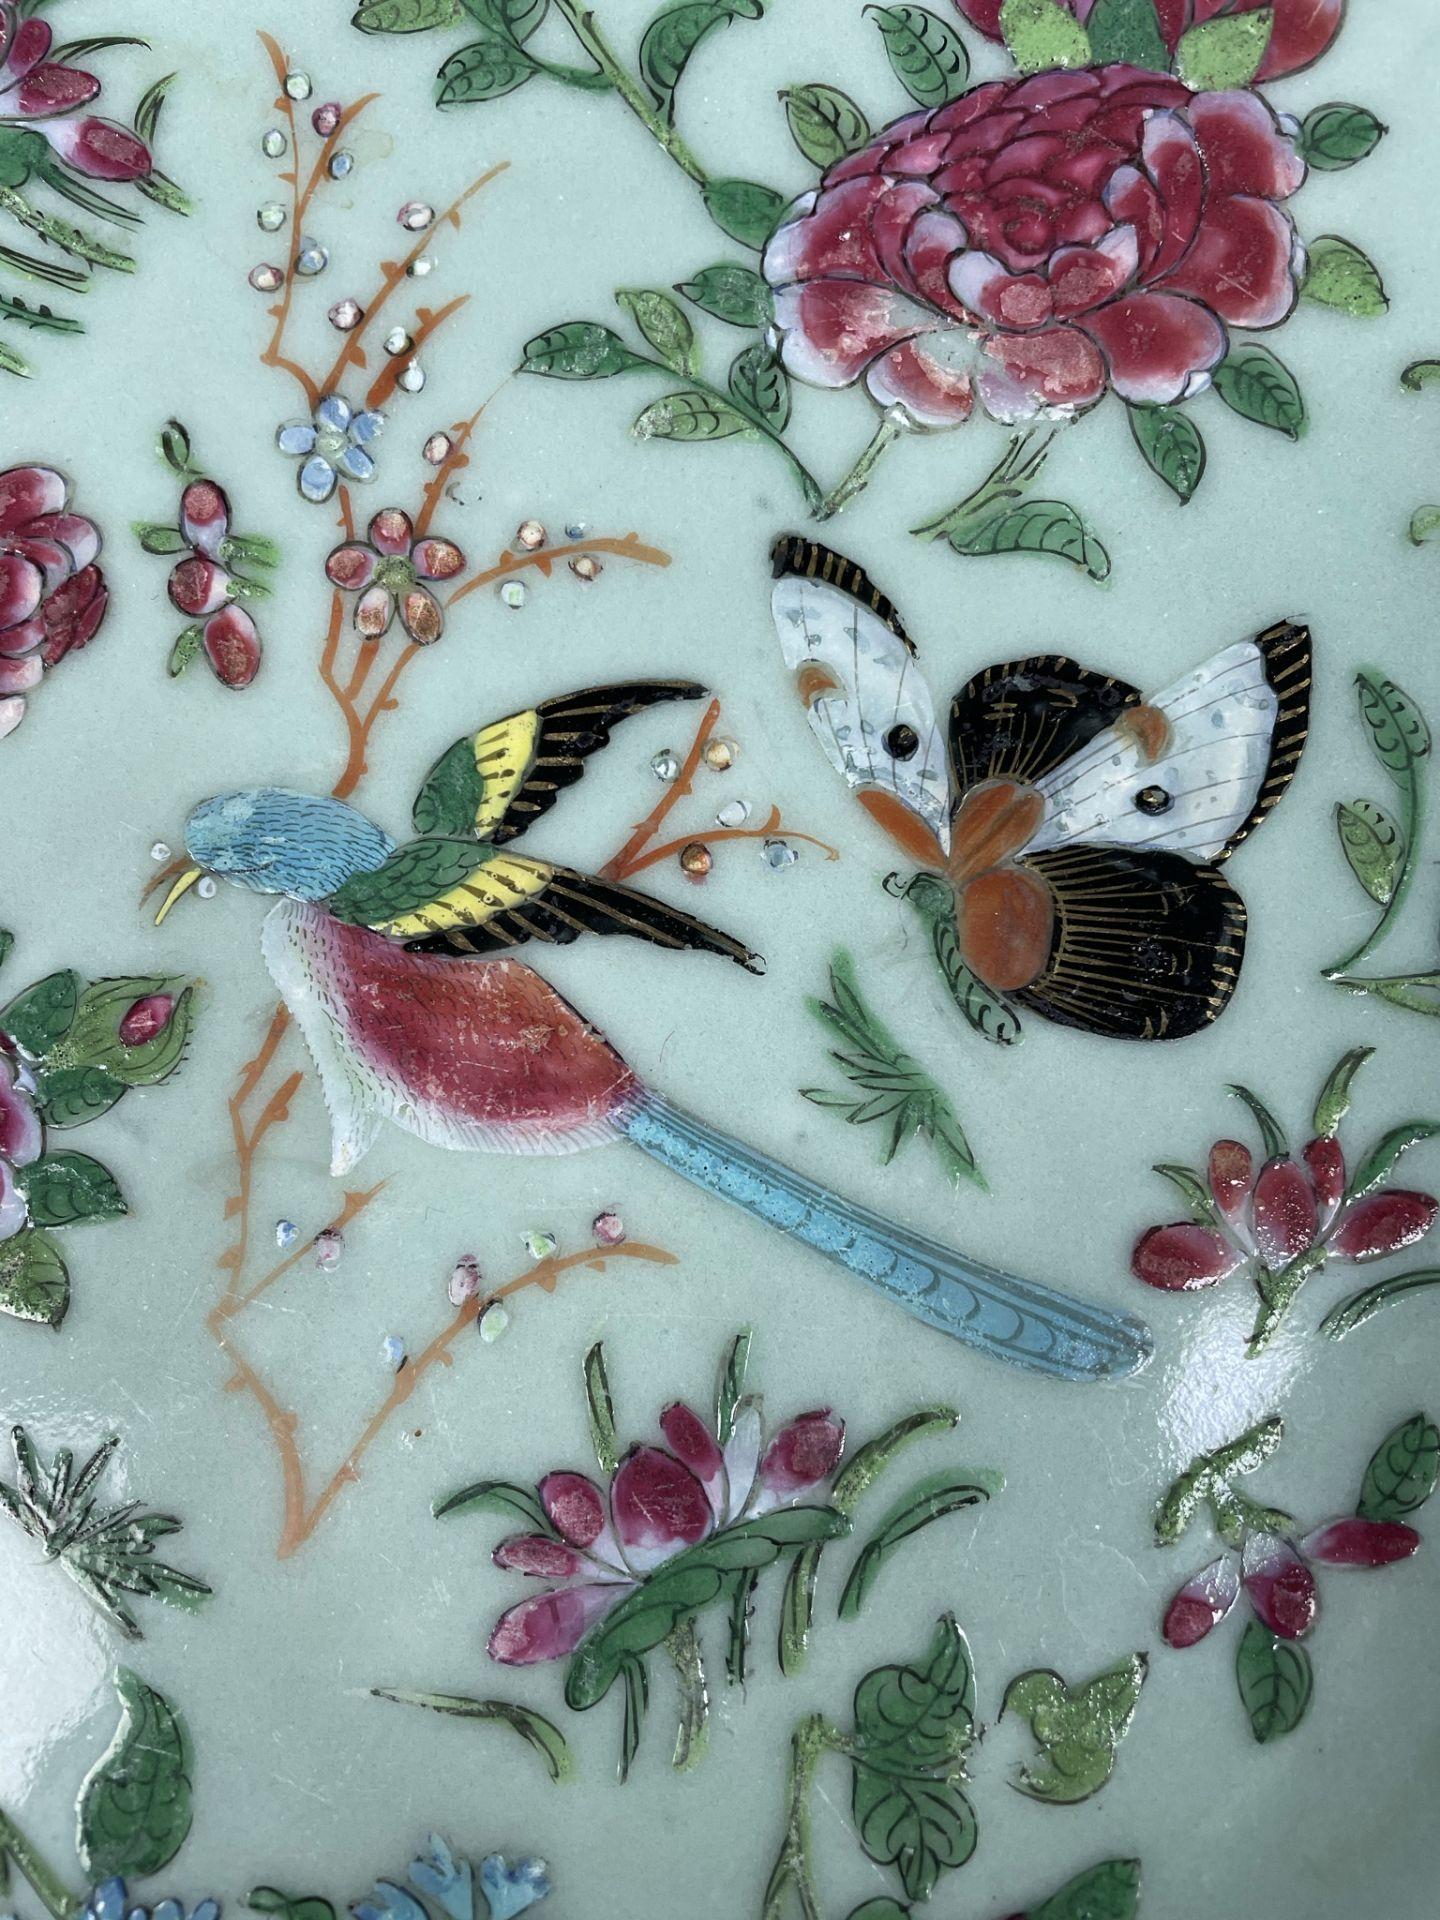 2 Platten. Porzellan. Wohl China antik. - Image 11 of 16